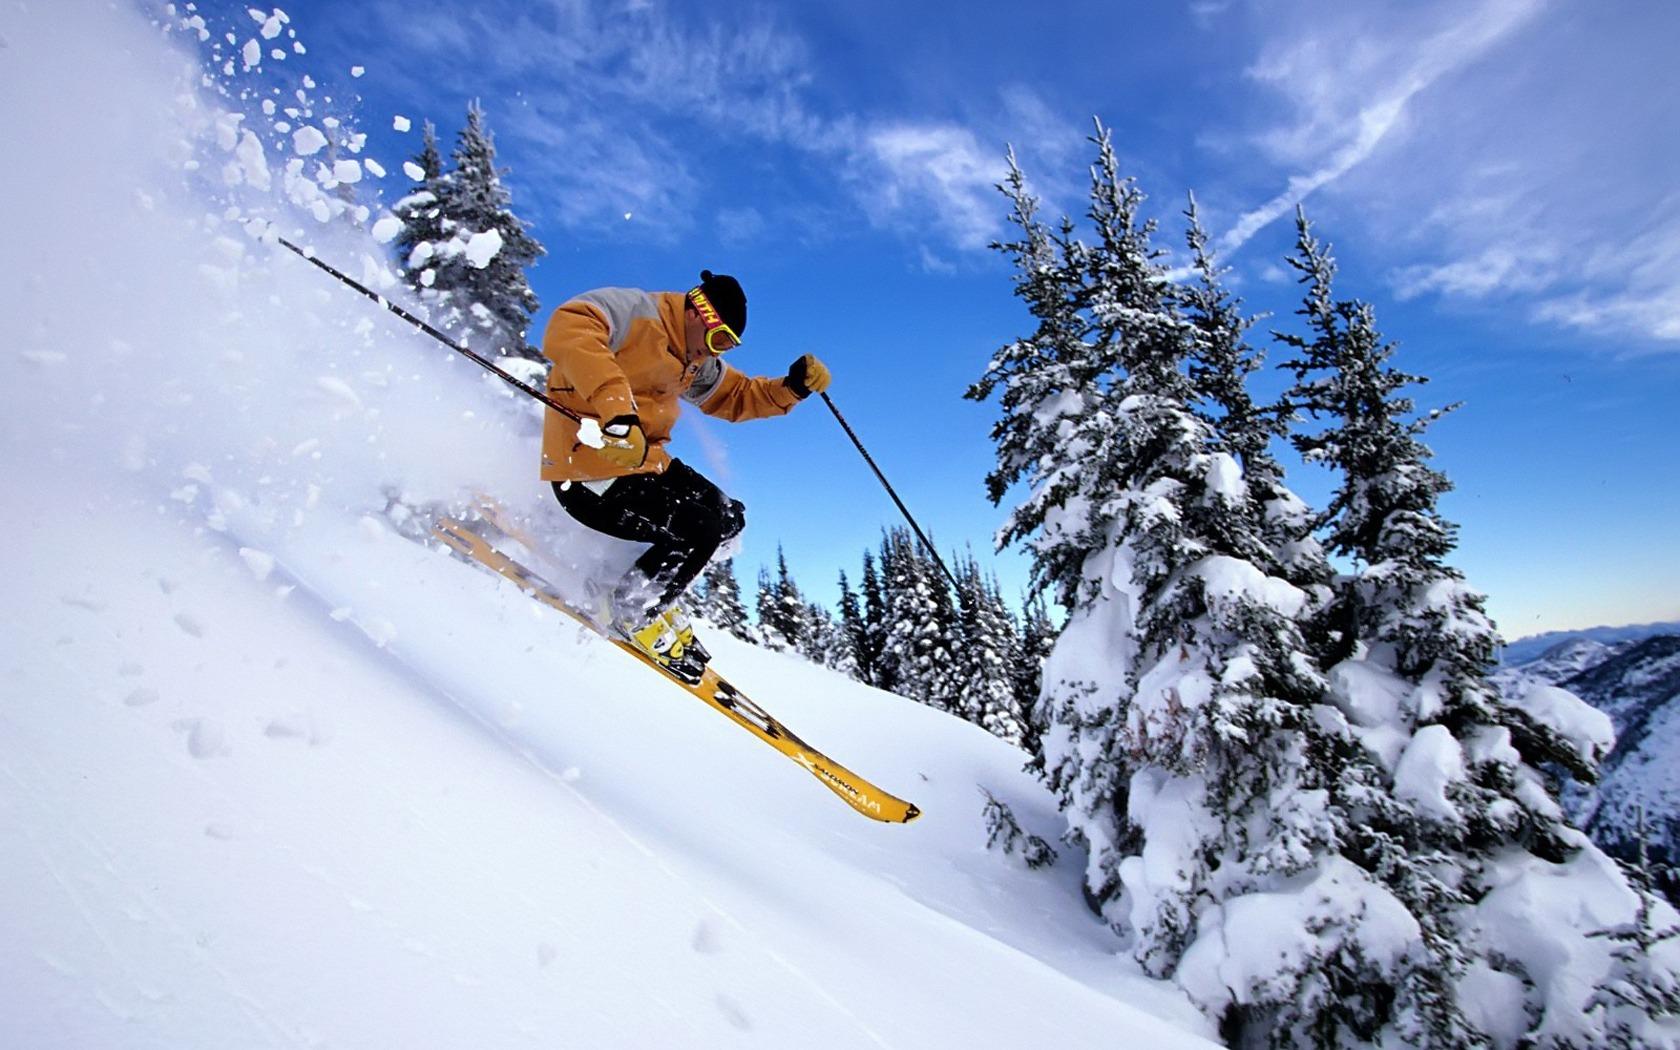 Ski wallpaper ski sports wallpapers in jpg format for free - Ski wallpaper ...